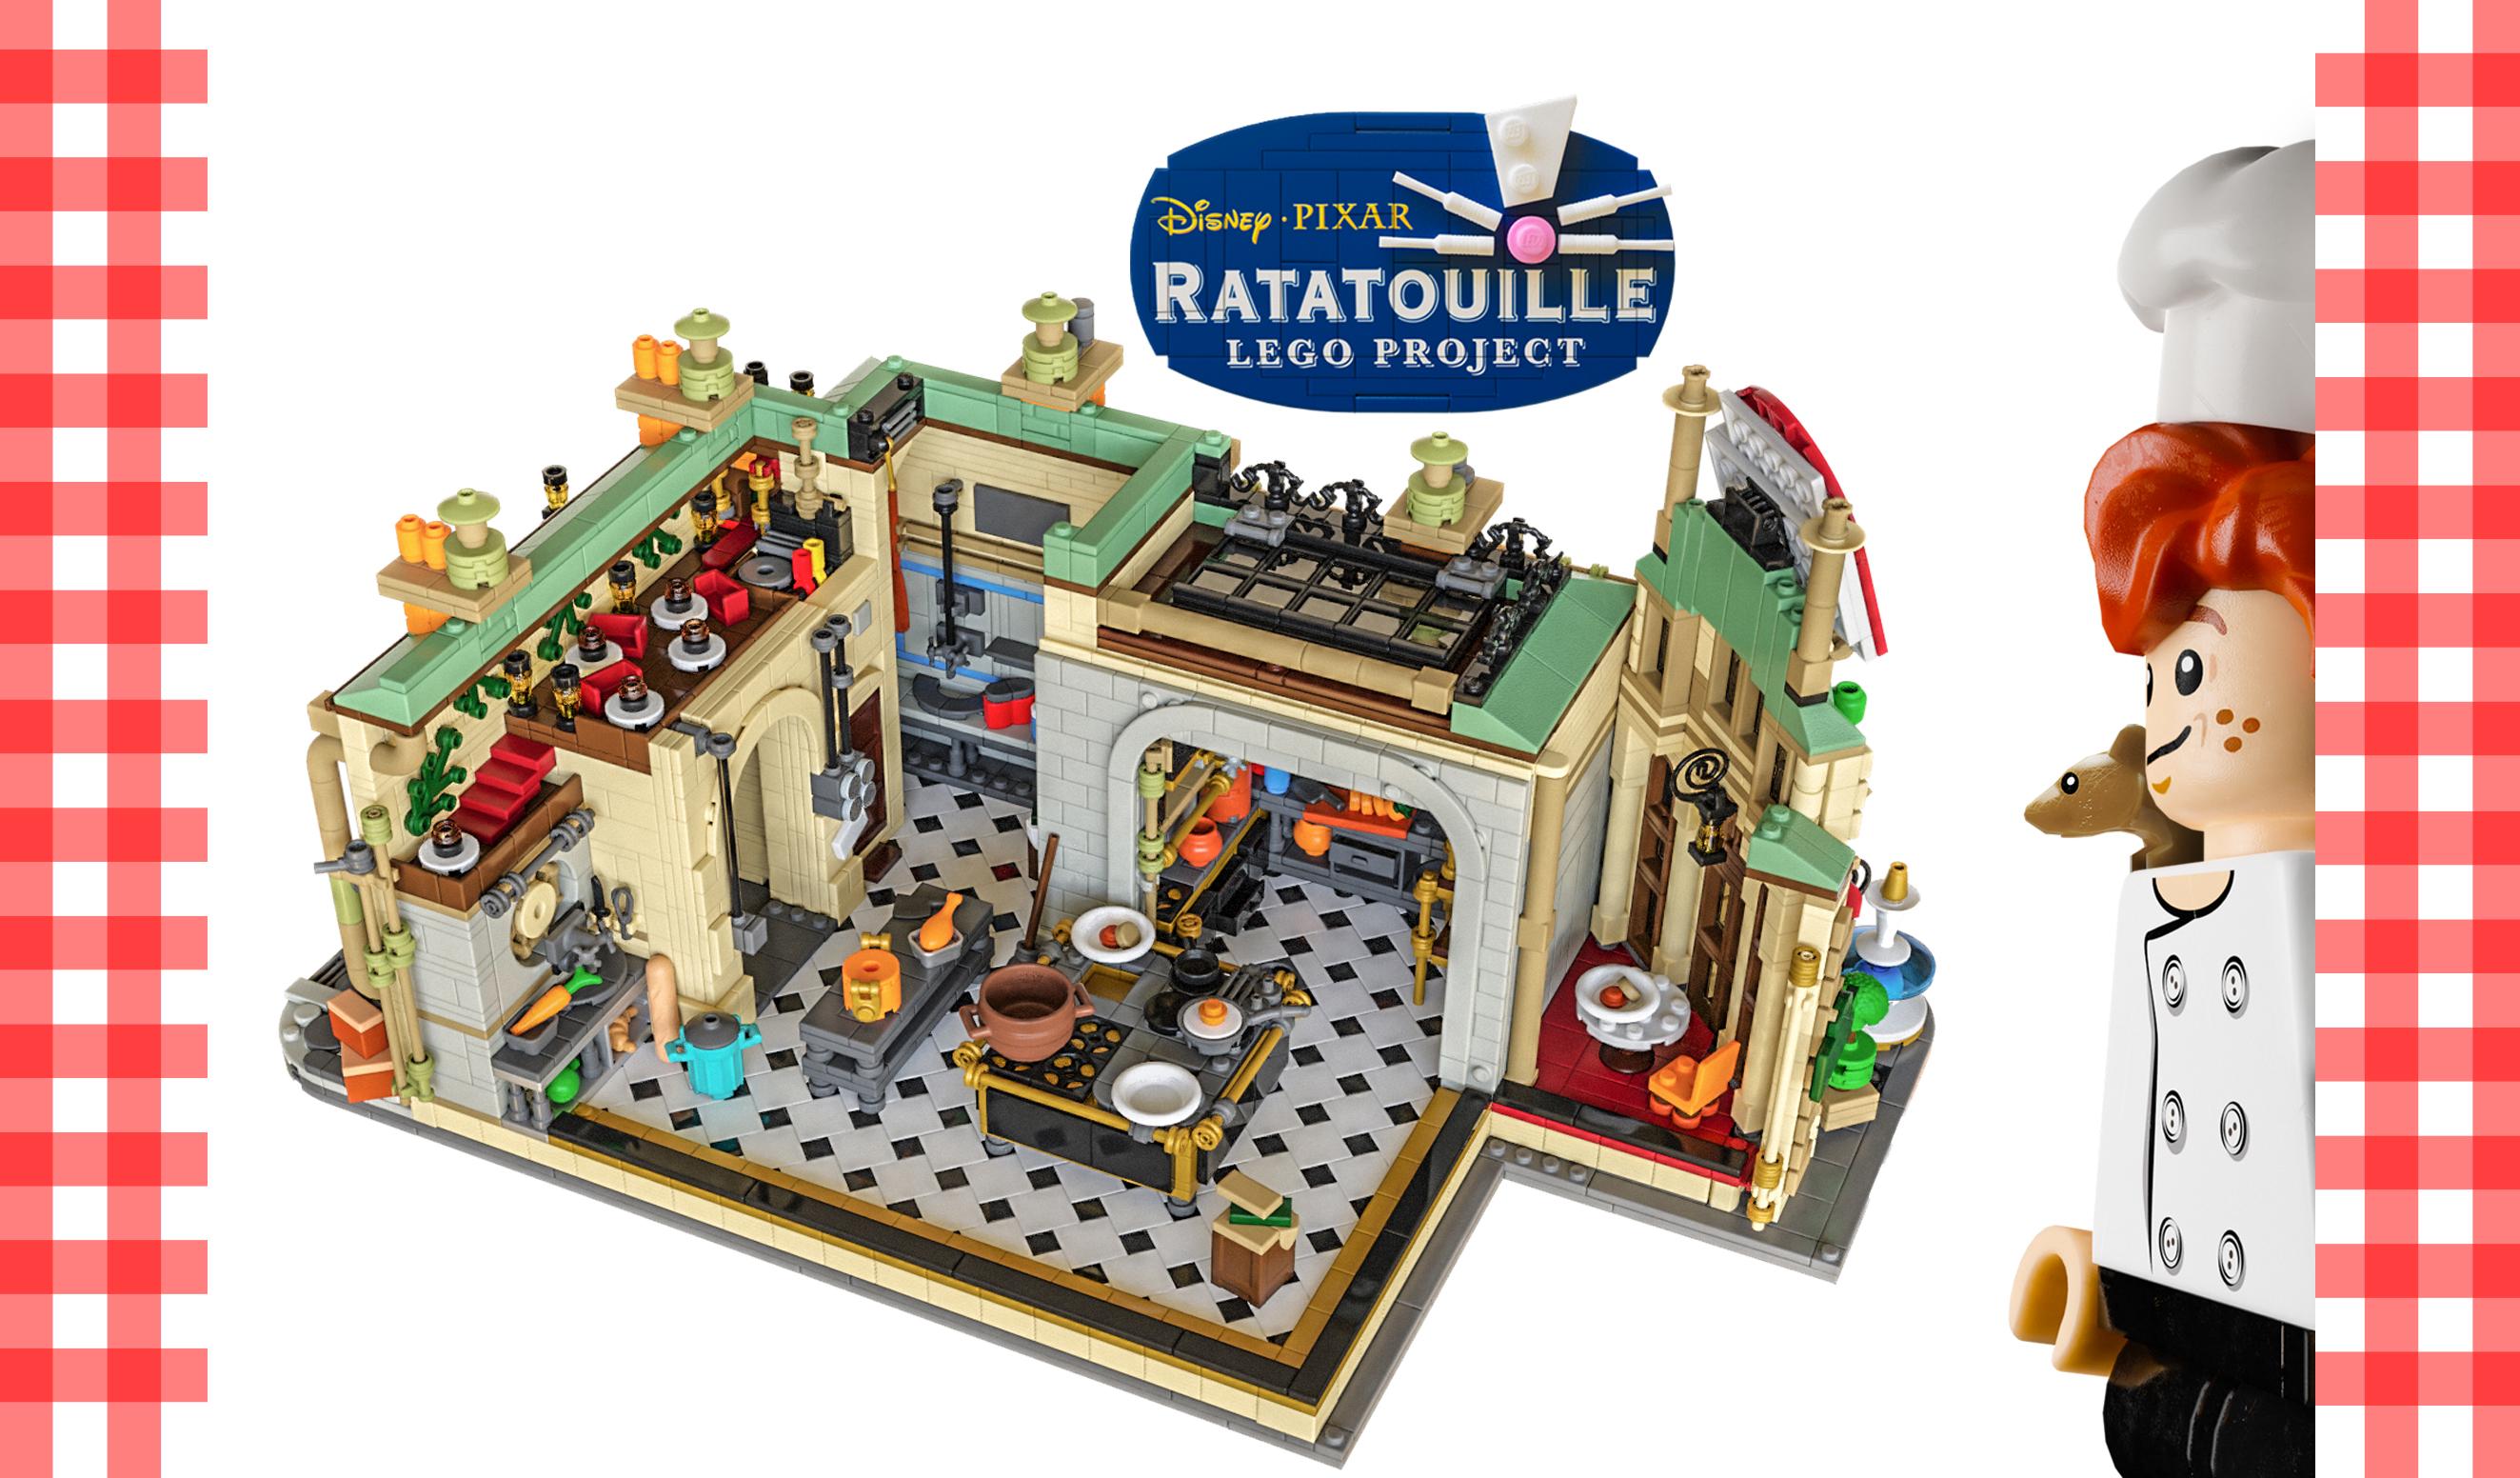 48941632-d7c9-42b3-abb7-70c88aacf43c-Ratatouille_PROMOTION_FINAL_IDEAS.jpg